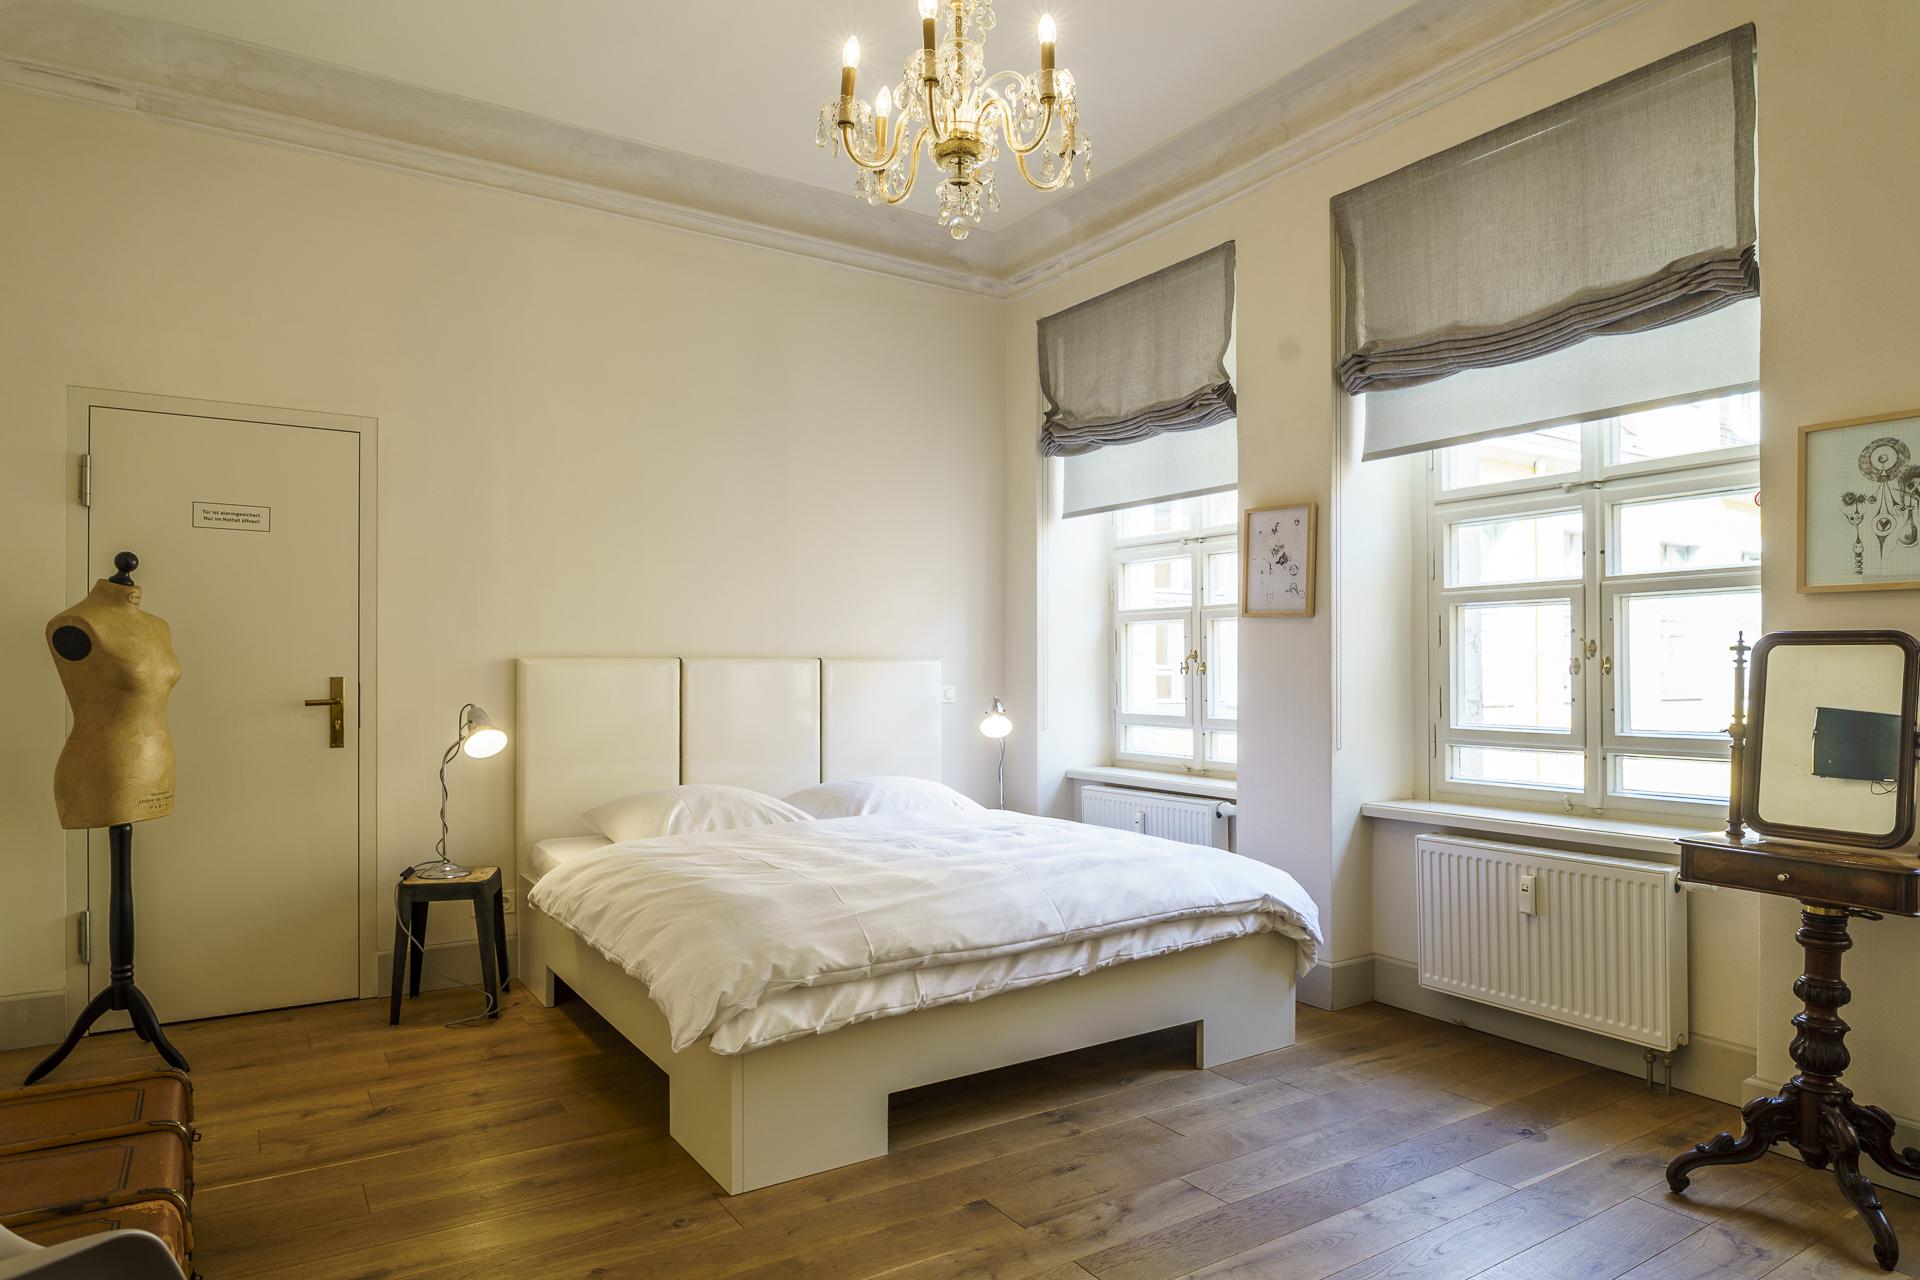 Fregehaus Hotelzimmer